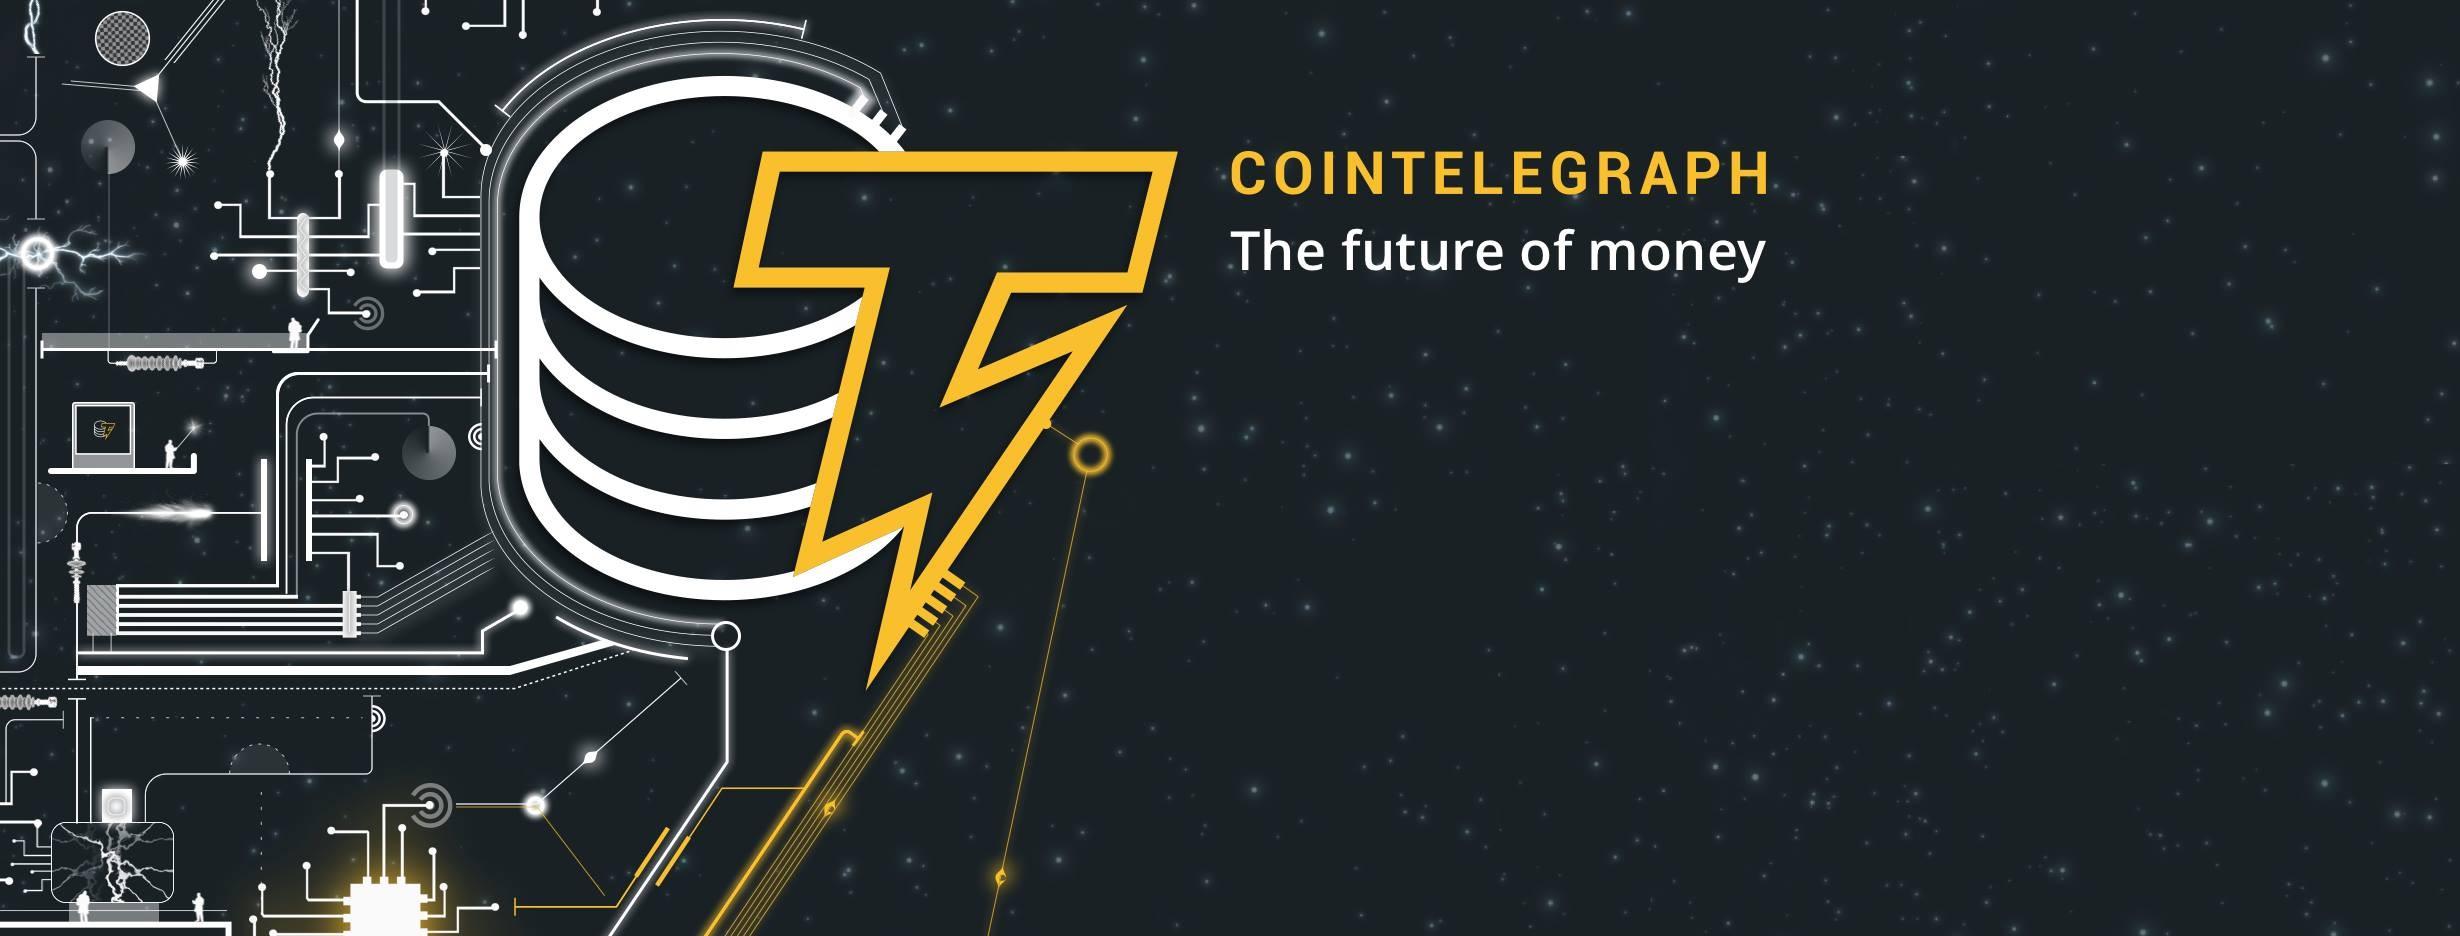 cointelegraph ita